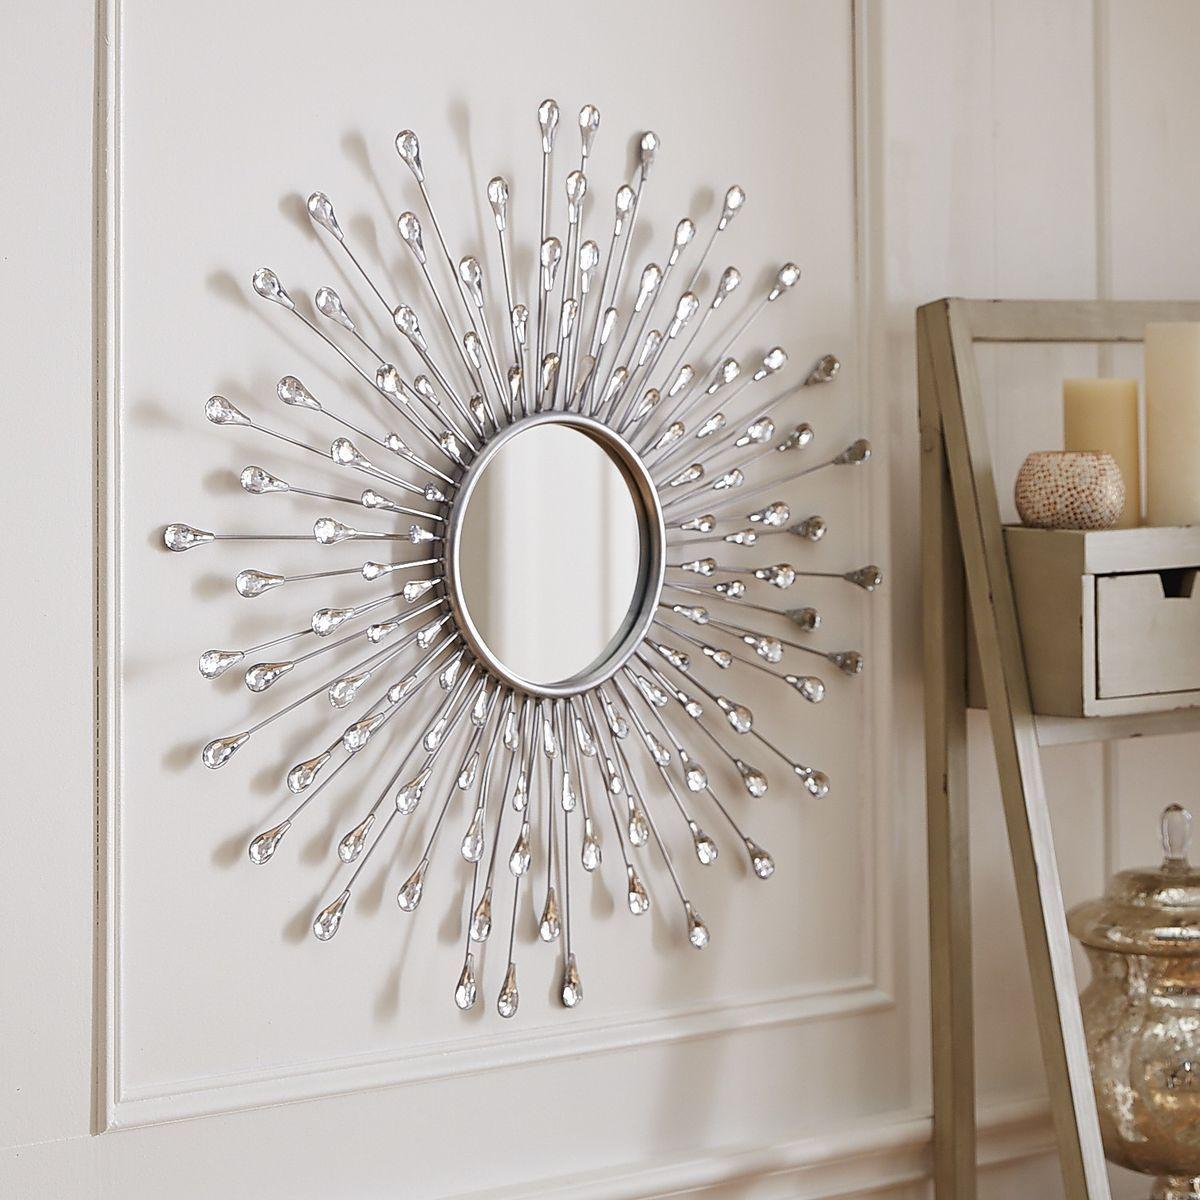 Wire capiz sunburst wall mirror - Natalie Sunburst Round Mirror